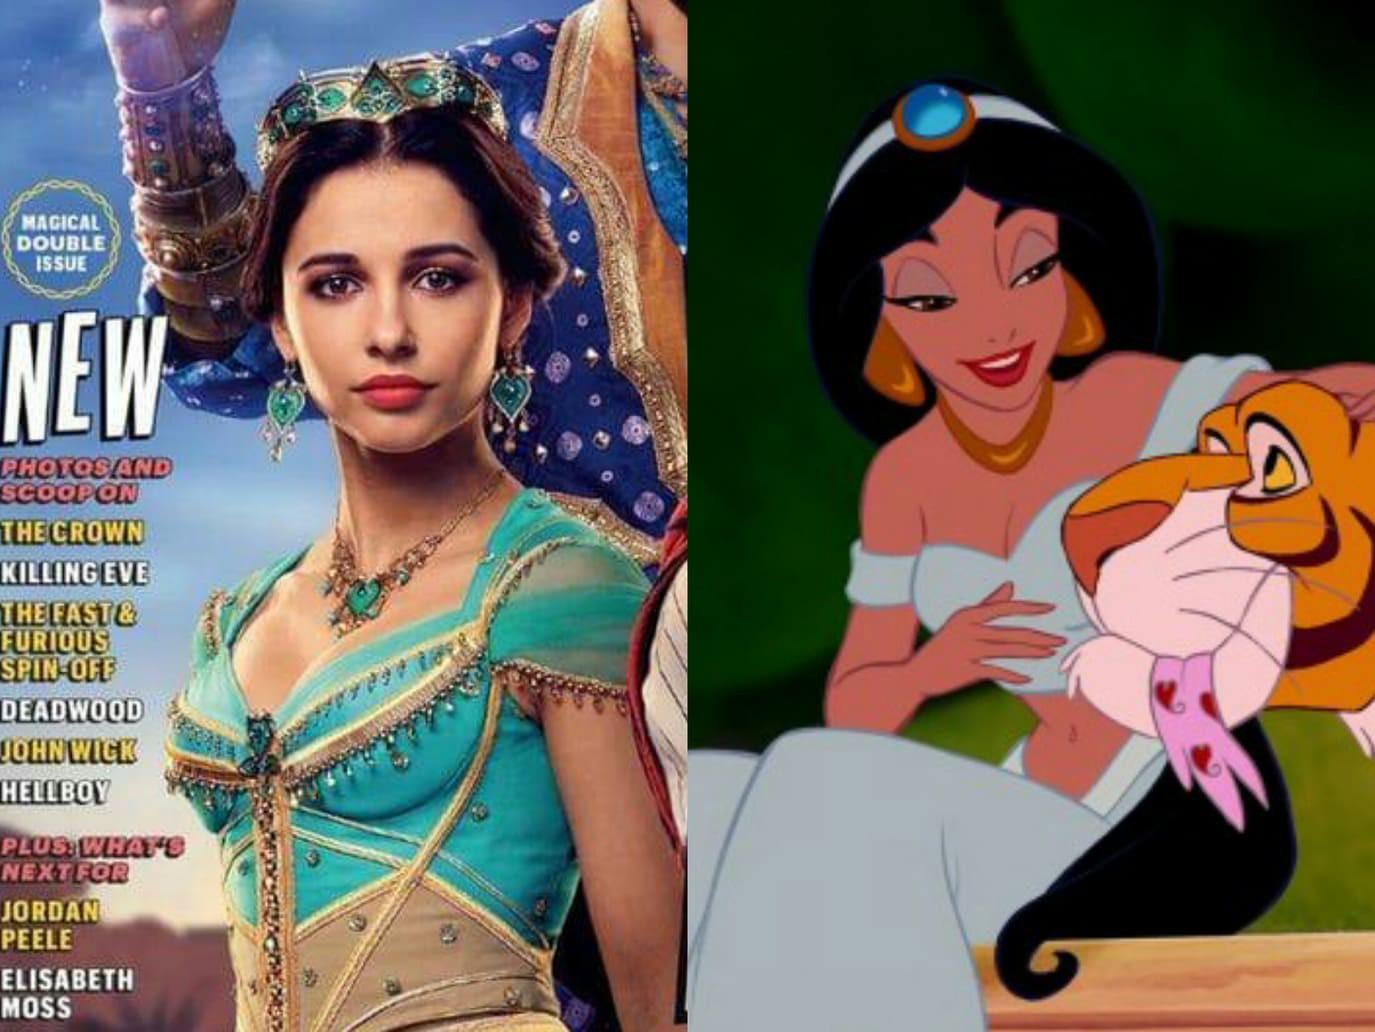 Trước khi nhập vai công chúa Jasmine trong Aladdin, Naomi Scott đã làm gì để cải thiện vóc dáng? - Ảnh 1.